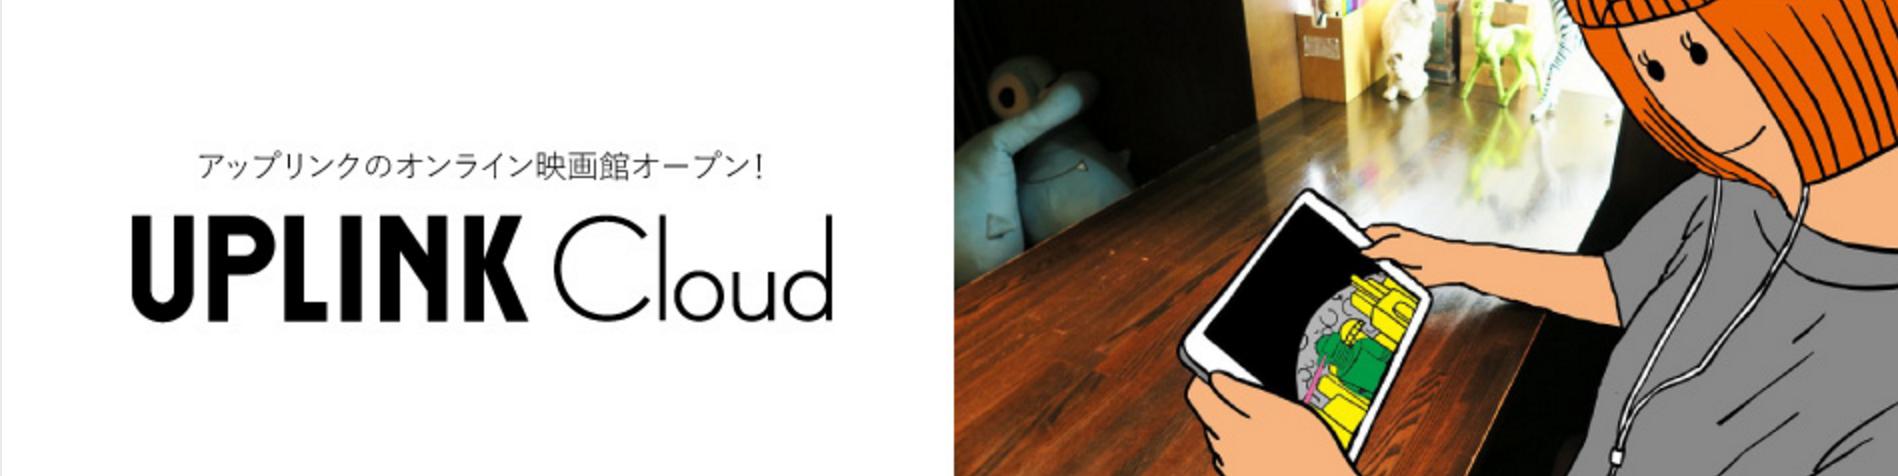 渋谷のUPLINK(アップリンク)の映画を自宅で観れる『UPLINK Cloud』が便利!